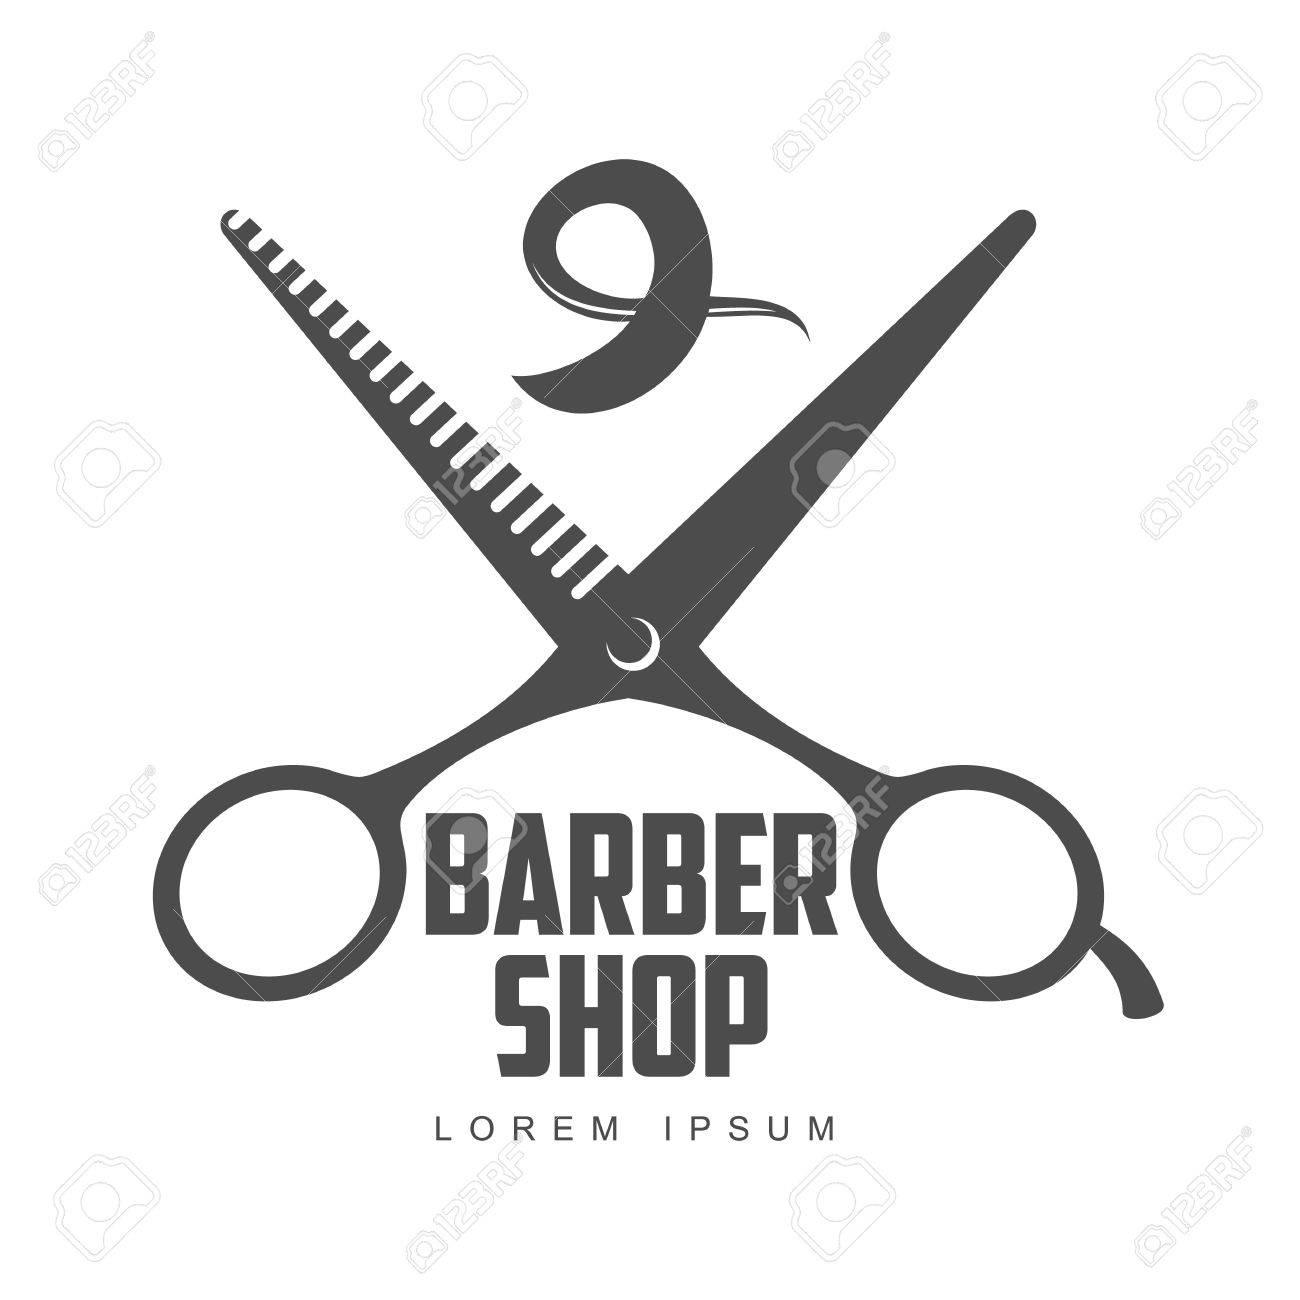 Vintage Barber Shop Logo Label Badge And Design Element Illustration Isolated On White